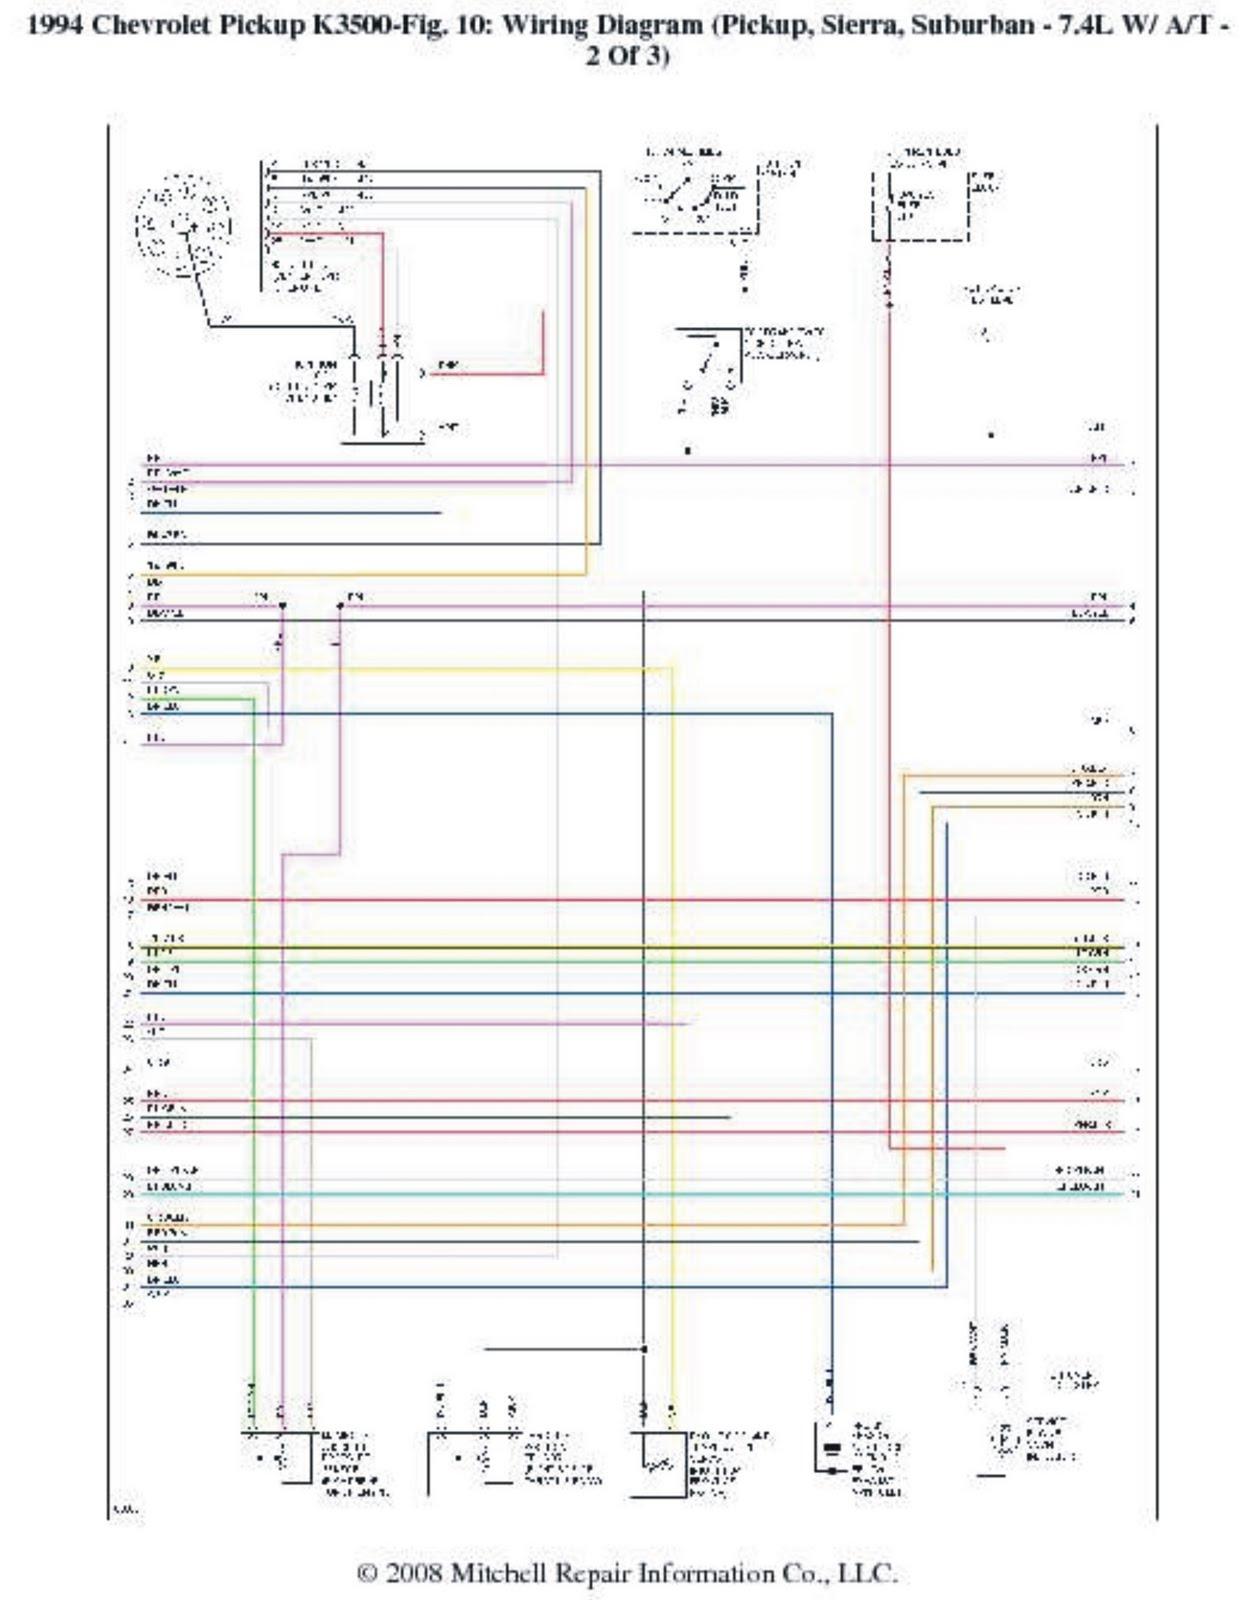 Suzuki Remote Starter Diagram Wiring Libraries Sentry 800 Librarynissan 1400 Bakkie Ignition Images